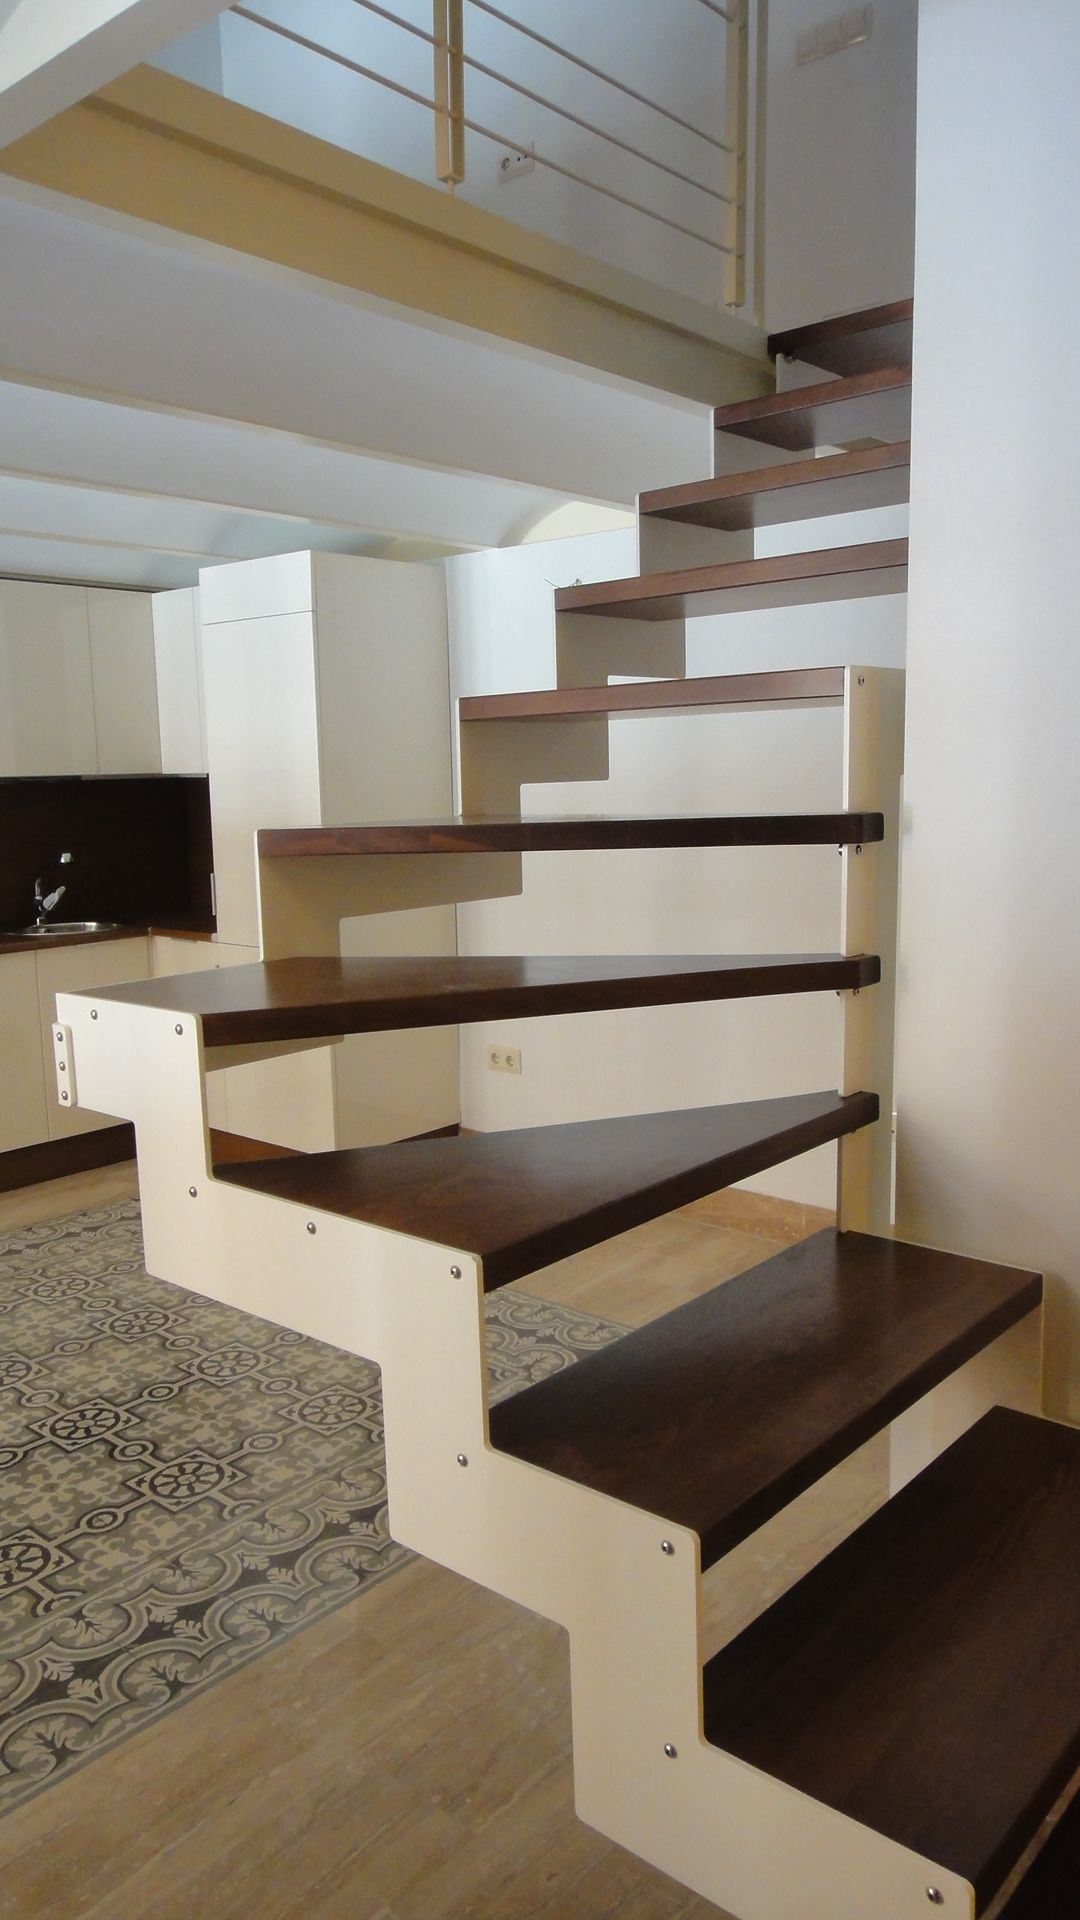 Fabricacion De Huellas En Madera Para Escalera Escaleras Interiores Escaleras De Madera Escaleras Flotantes